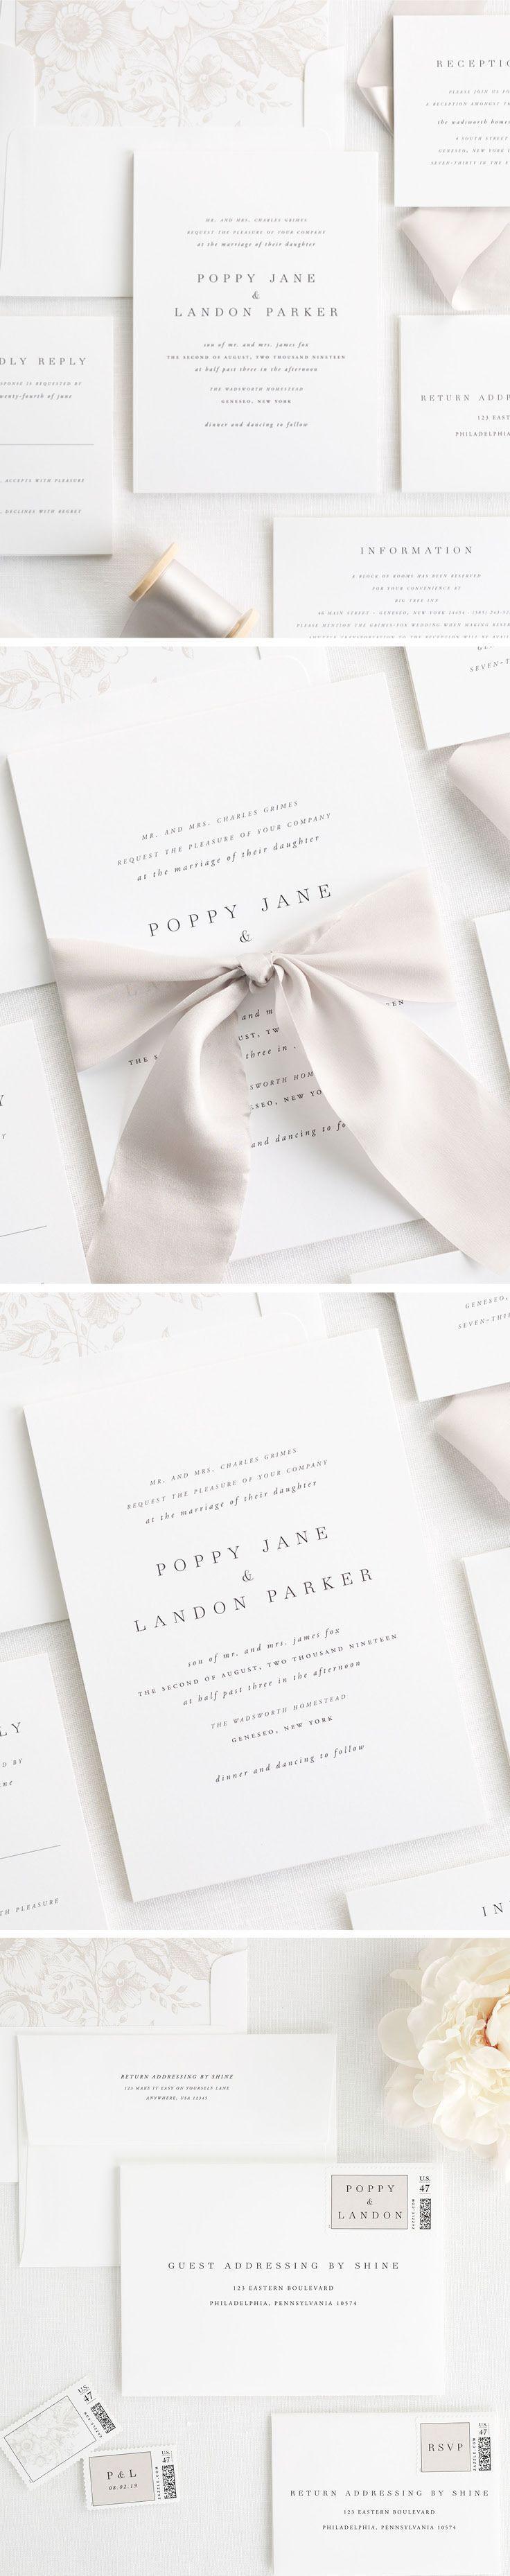 47 best wedding--invitations images on Pinterest | Invitation ideas ...